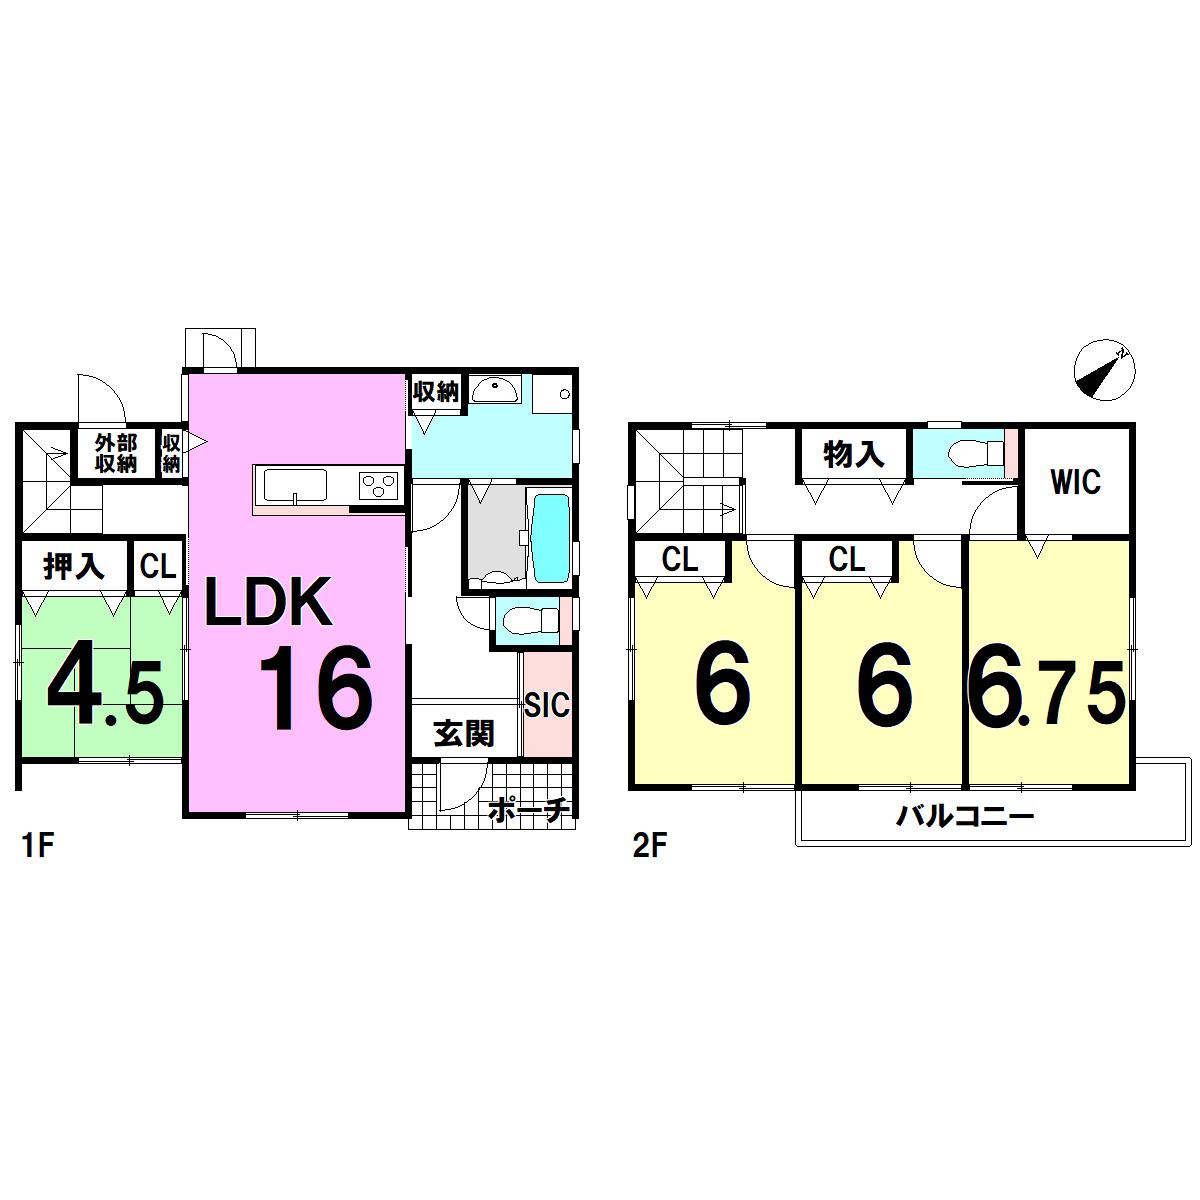 【間取り】 1F 約16LDK 4.5和 SIC 2F 6.75洋 6洋 6洋 WIC トイレ